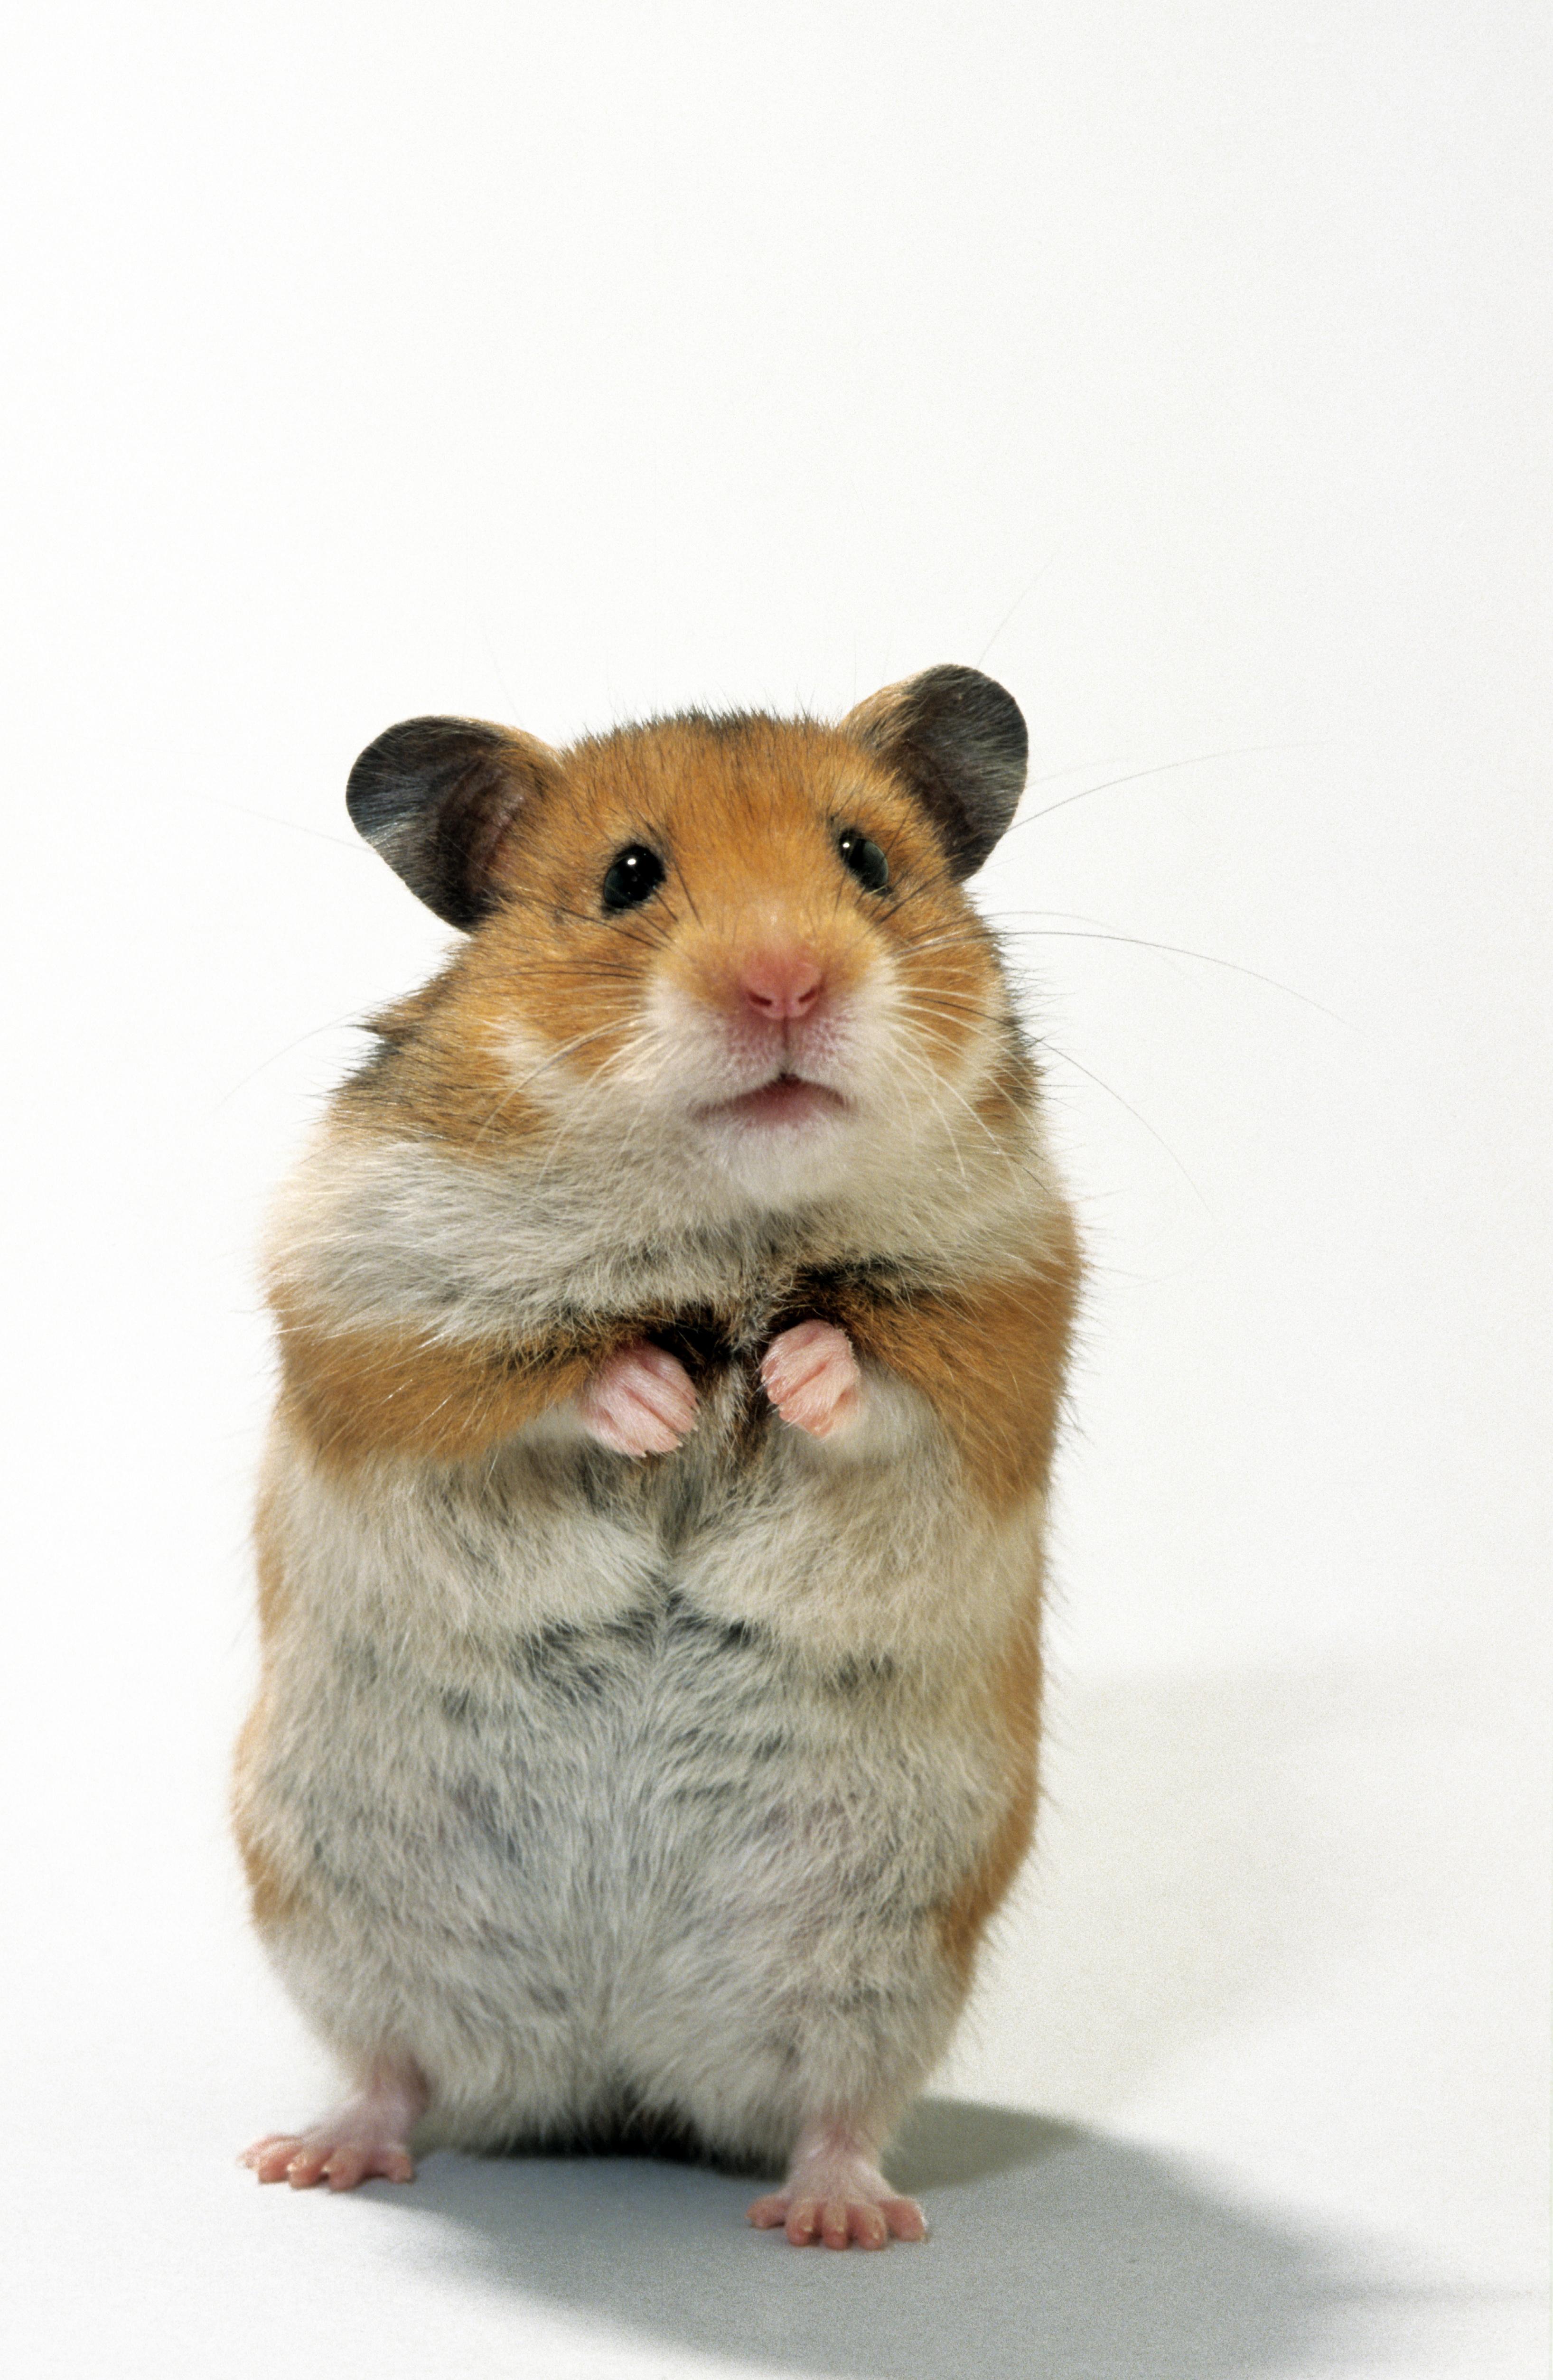 Golden hamster